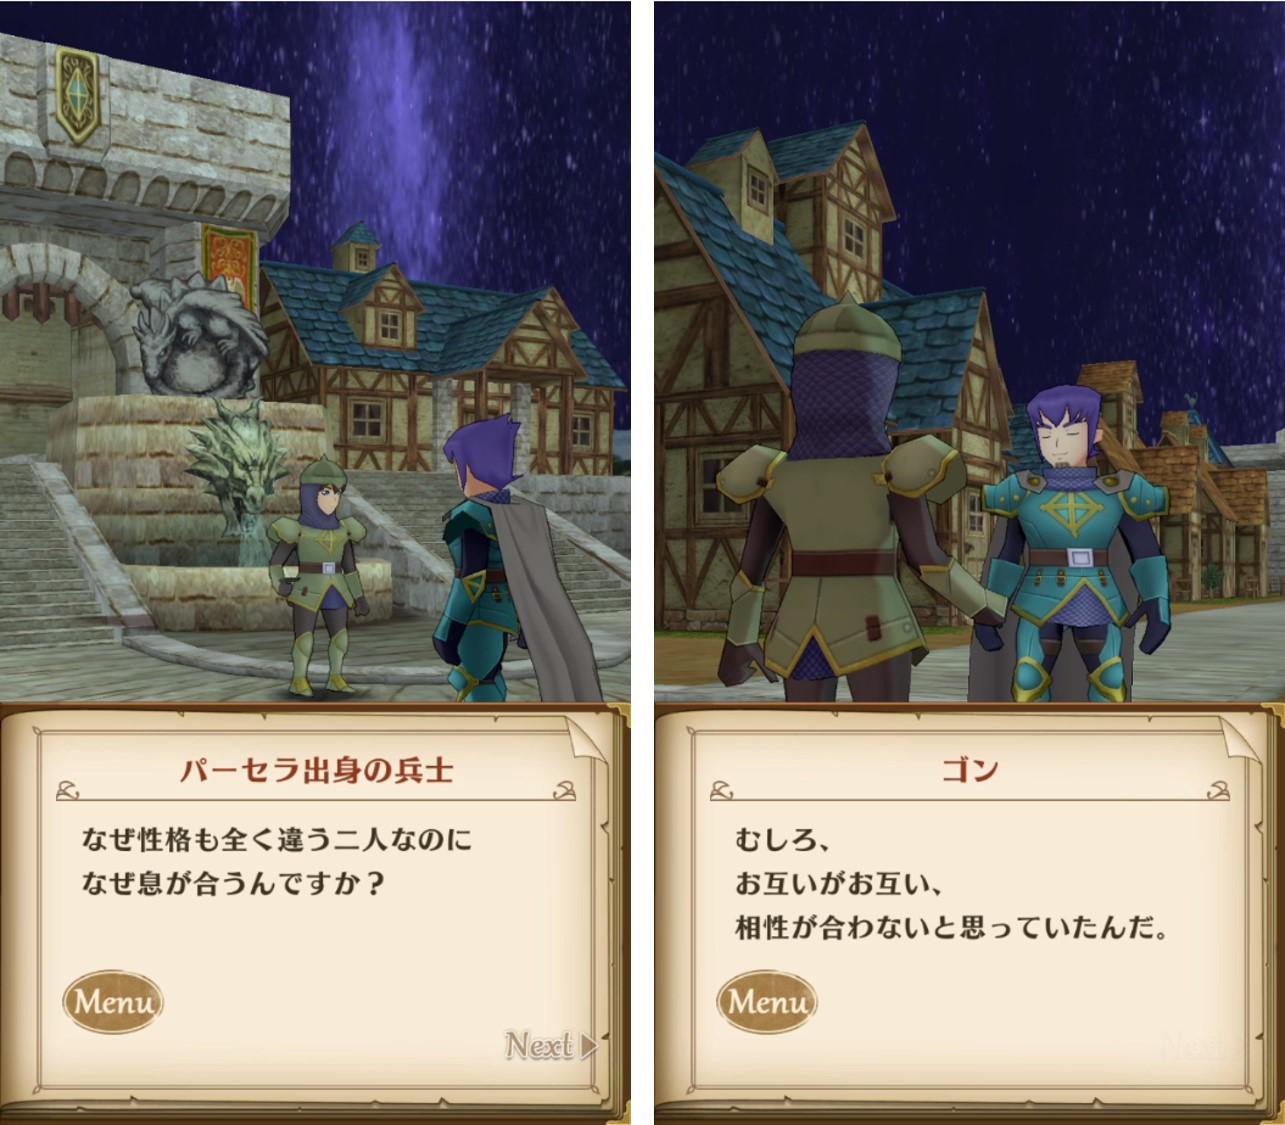 ポポロクロイス物語 ~ナルシアの涙と妖精の笛【ゲームレビュー】